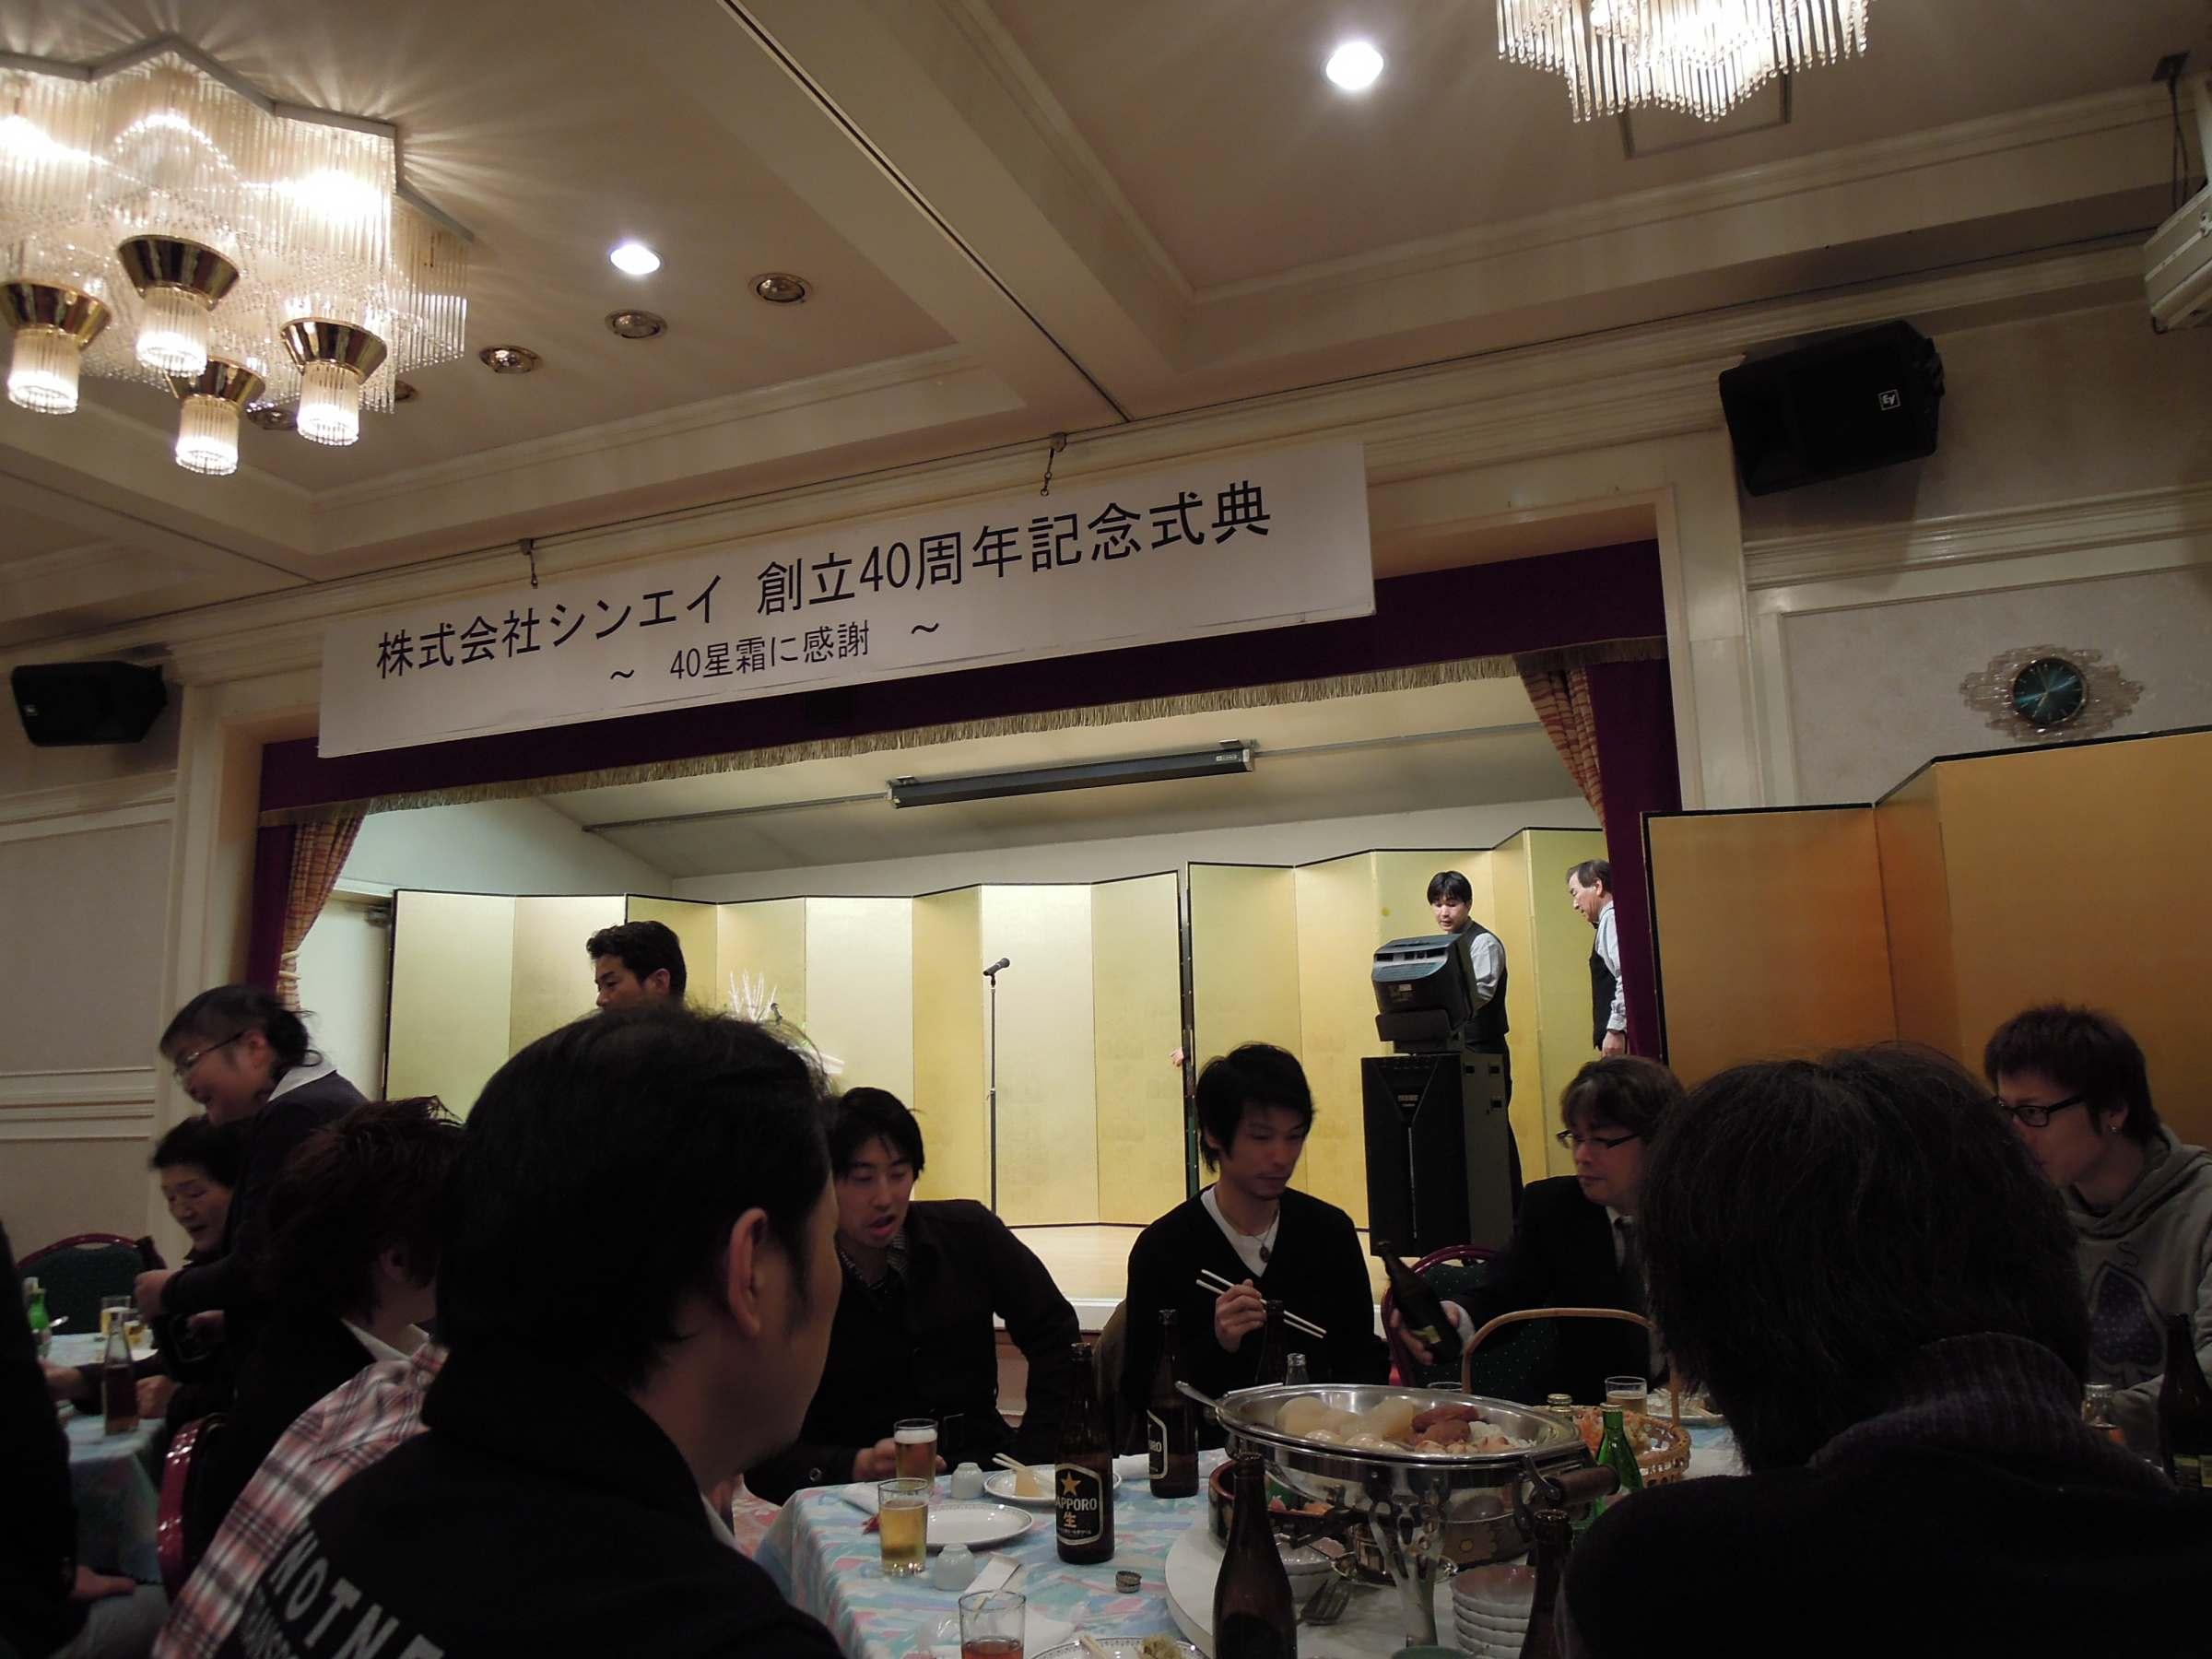 シンエイの創立40周年記念式典を行いました